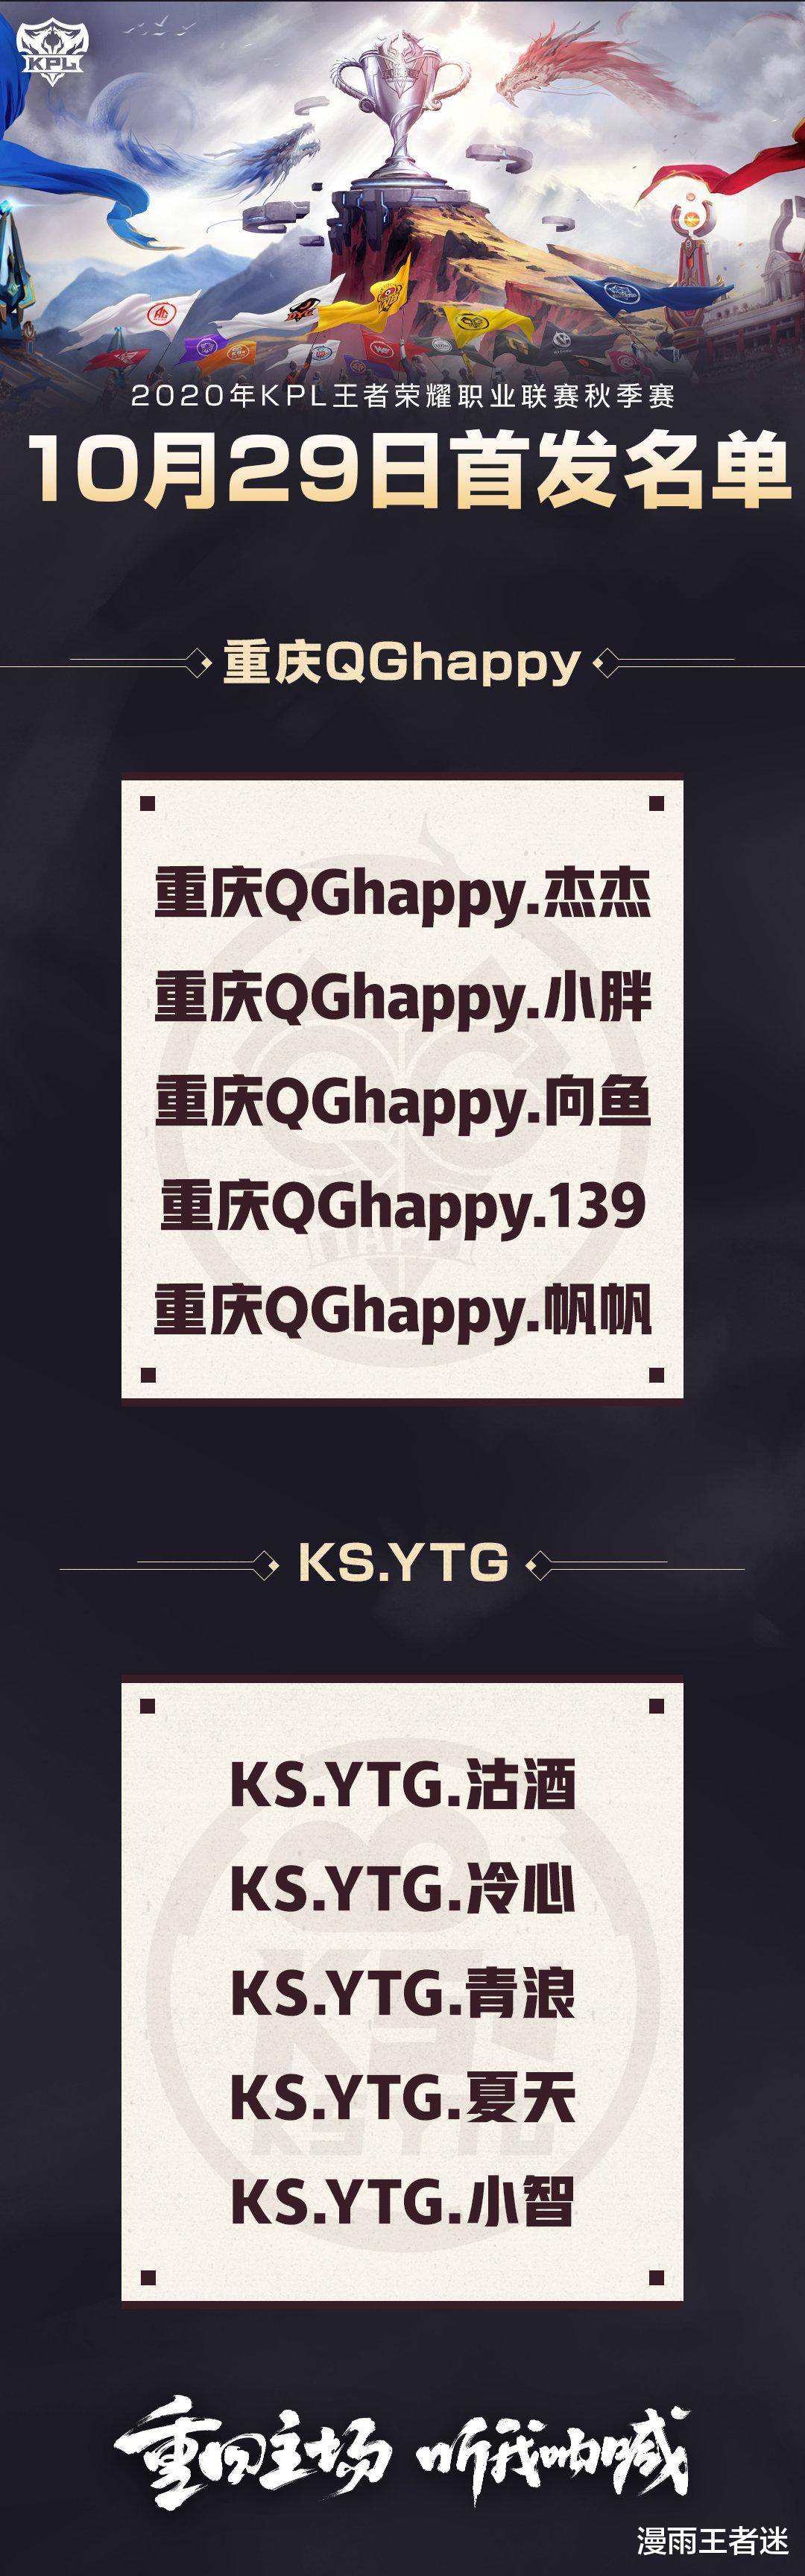 """warcraft3秘籍_QG对阵YTG首发:QG管理层在赌气,这是创造""""KPL新纪录""""的轮换!-第3张图片-游戏摸鱼怪"""